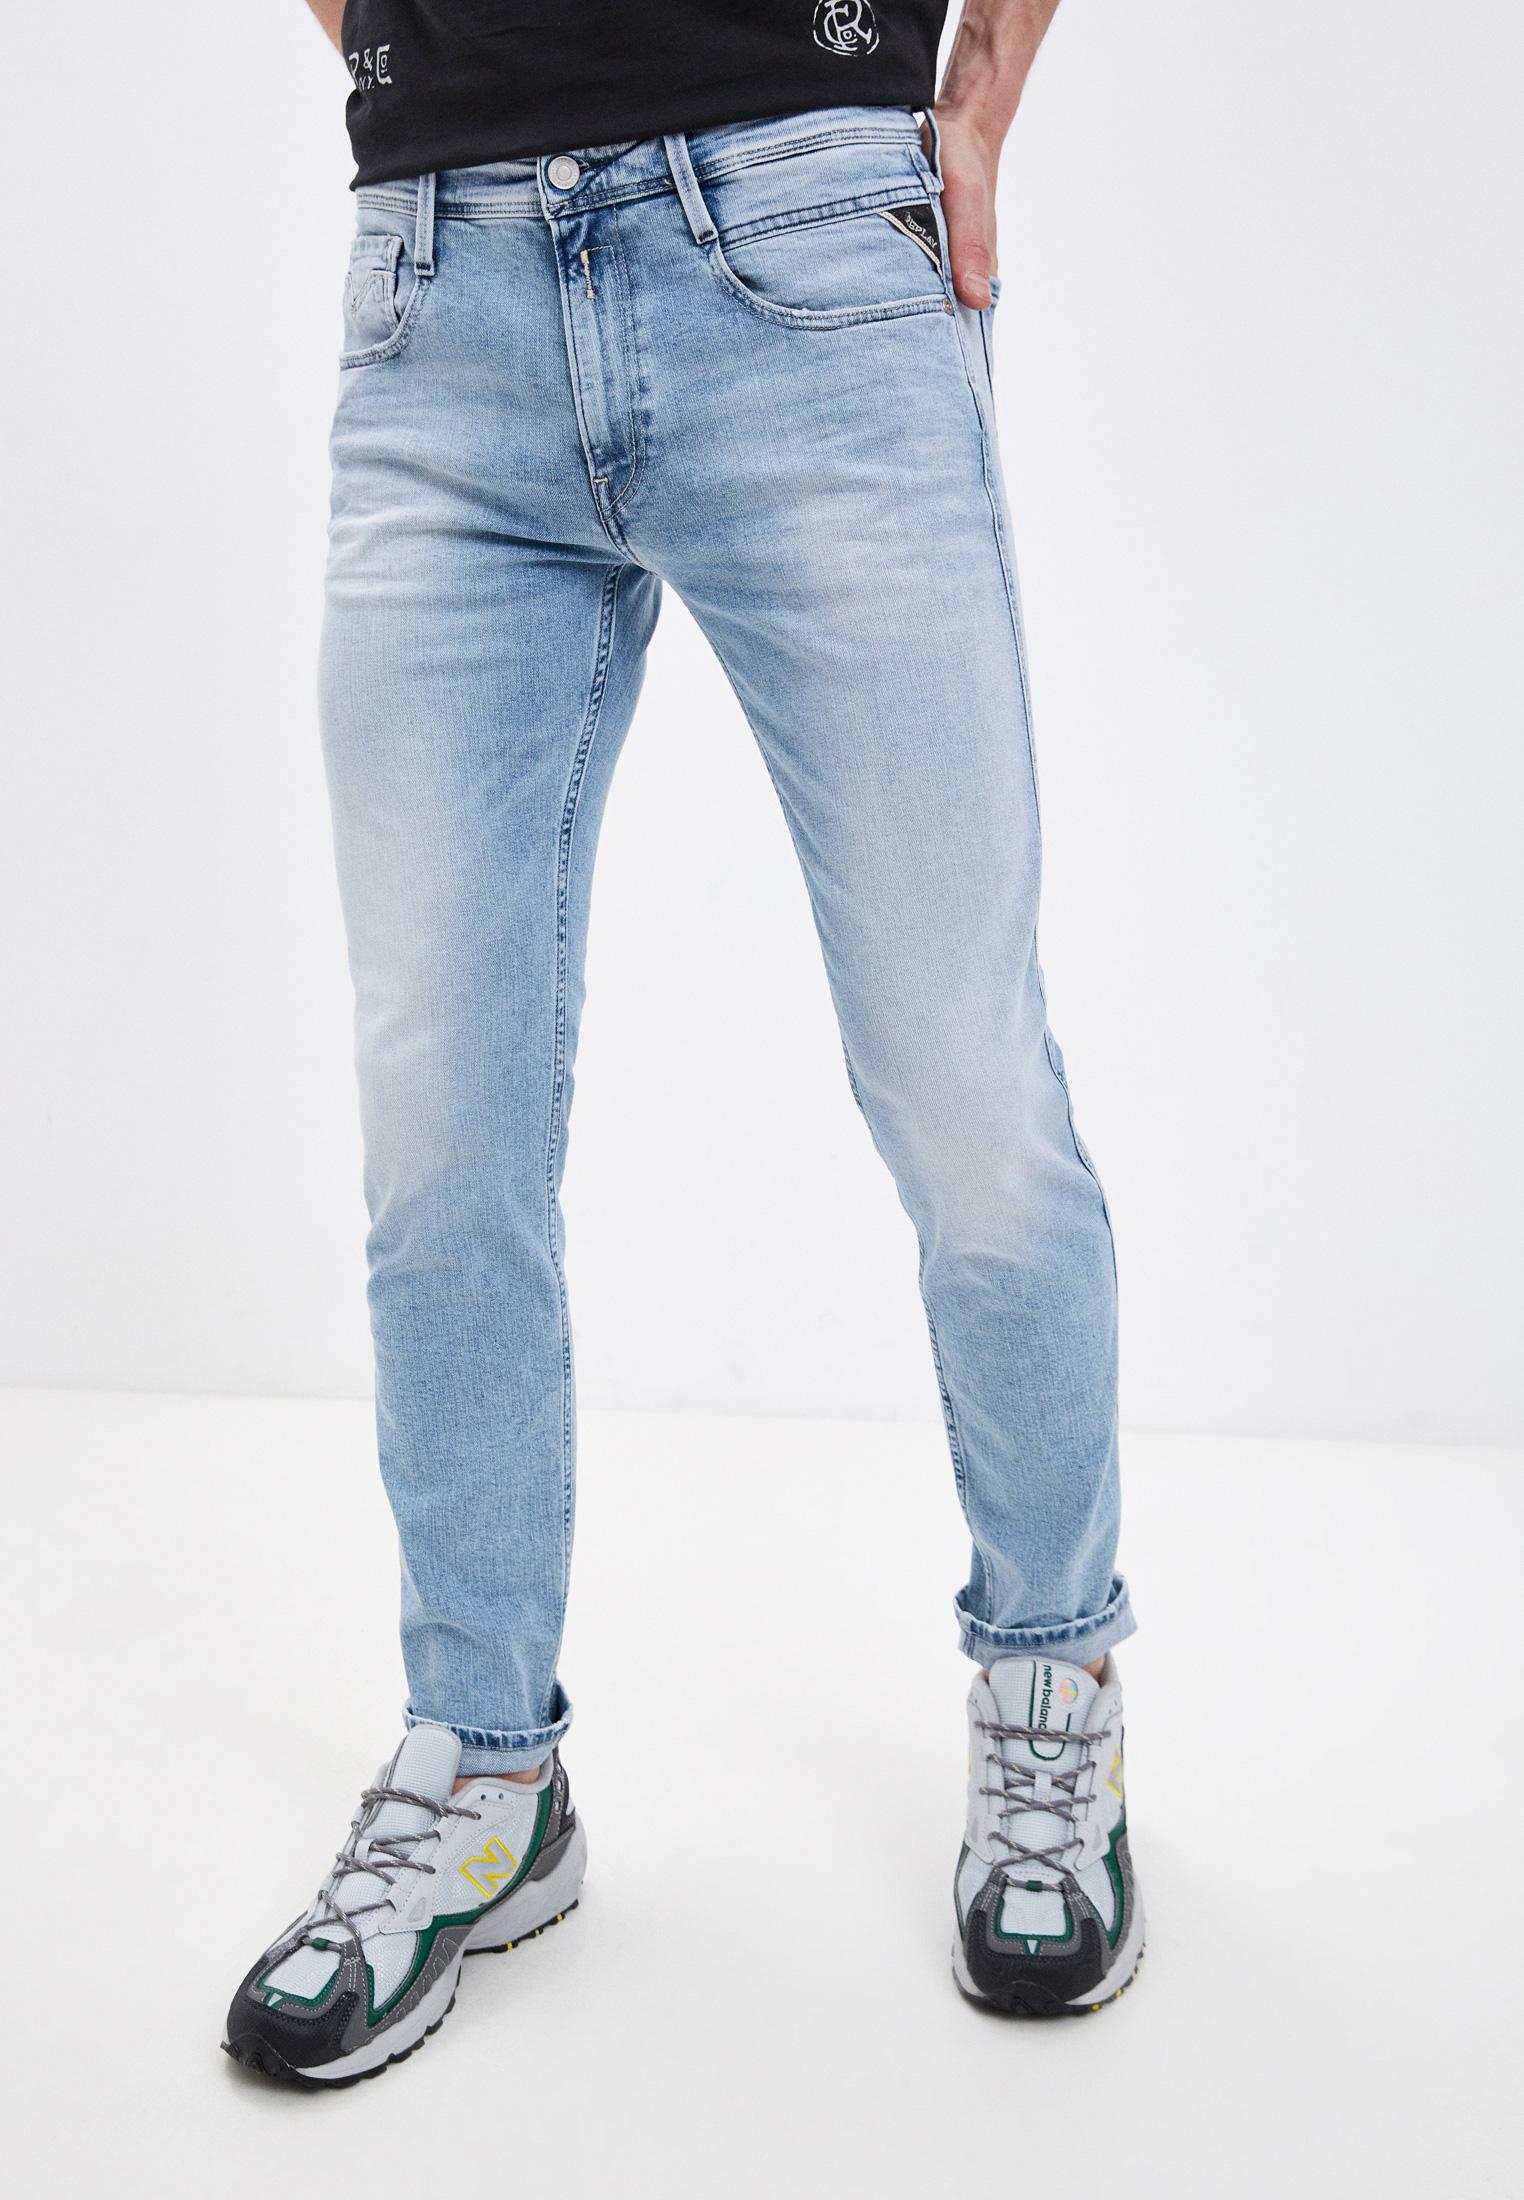 Зауженные джинсы Replay (Реплей) M914Y.000.573816